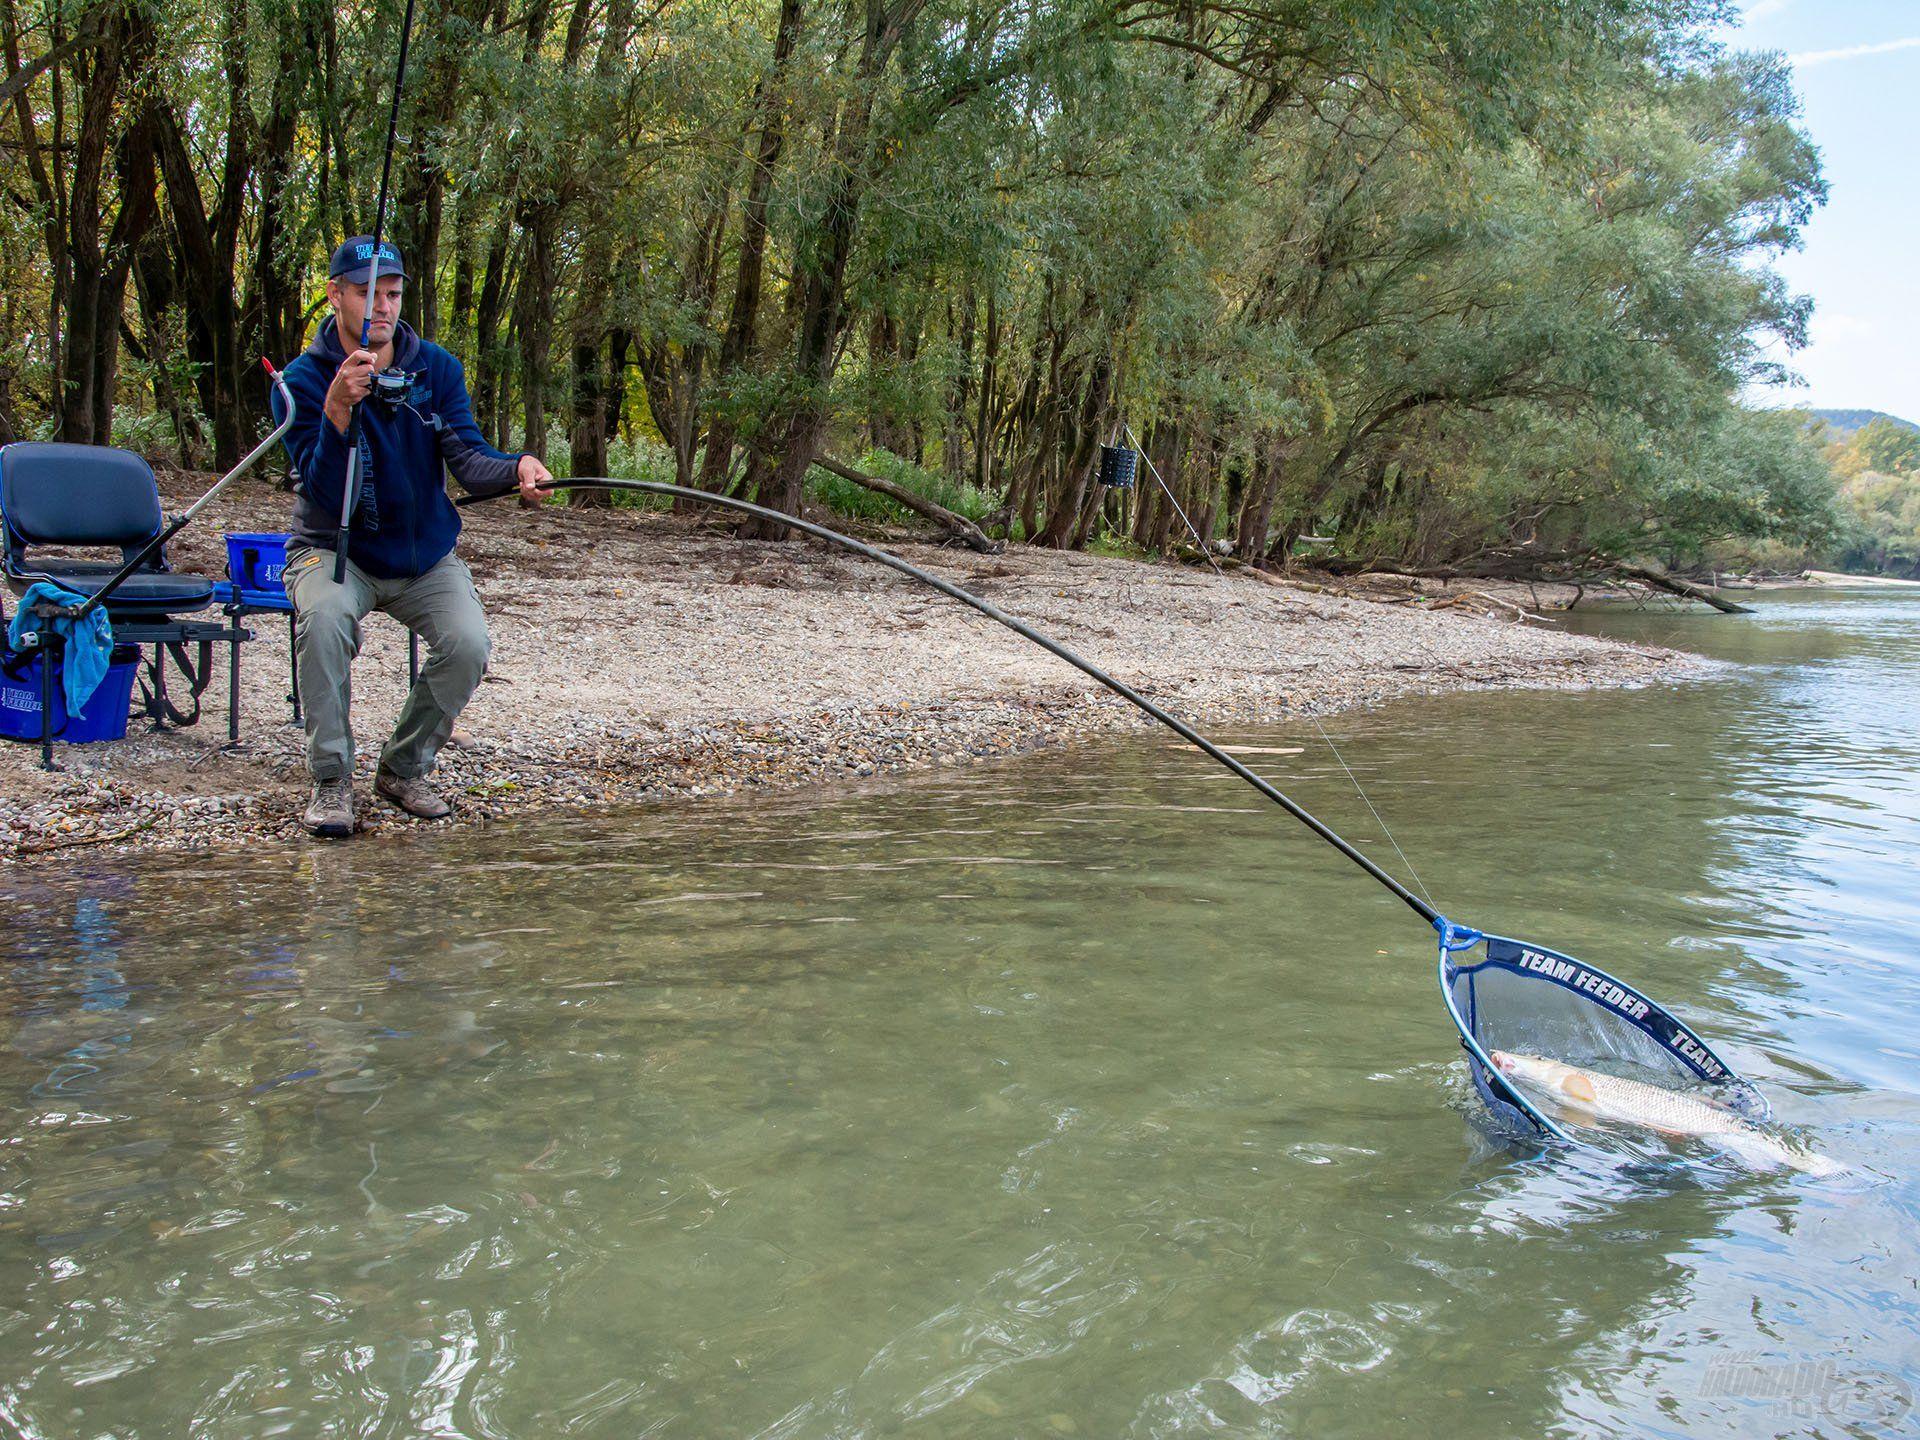 Állóvízen horgászóknak furcsa lehet az ott megszokottnál hosszabb előke